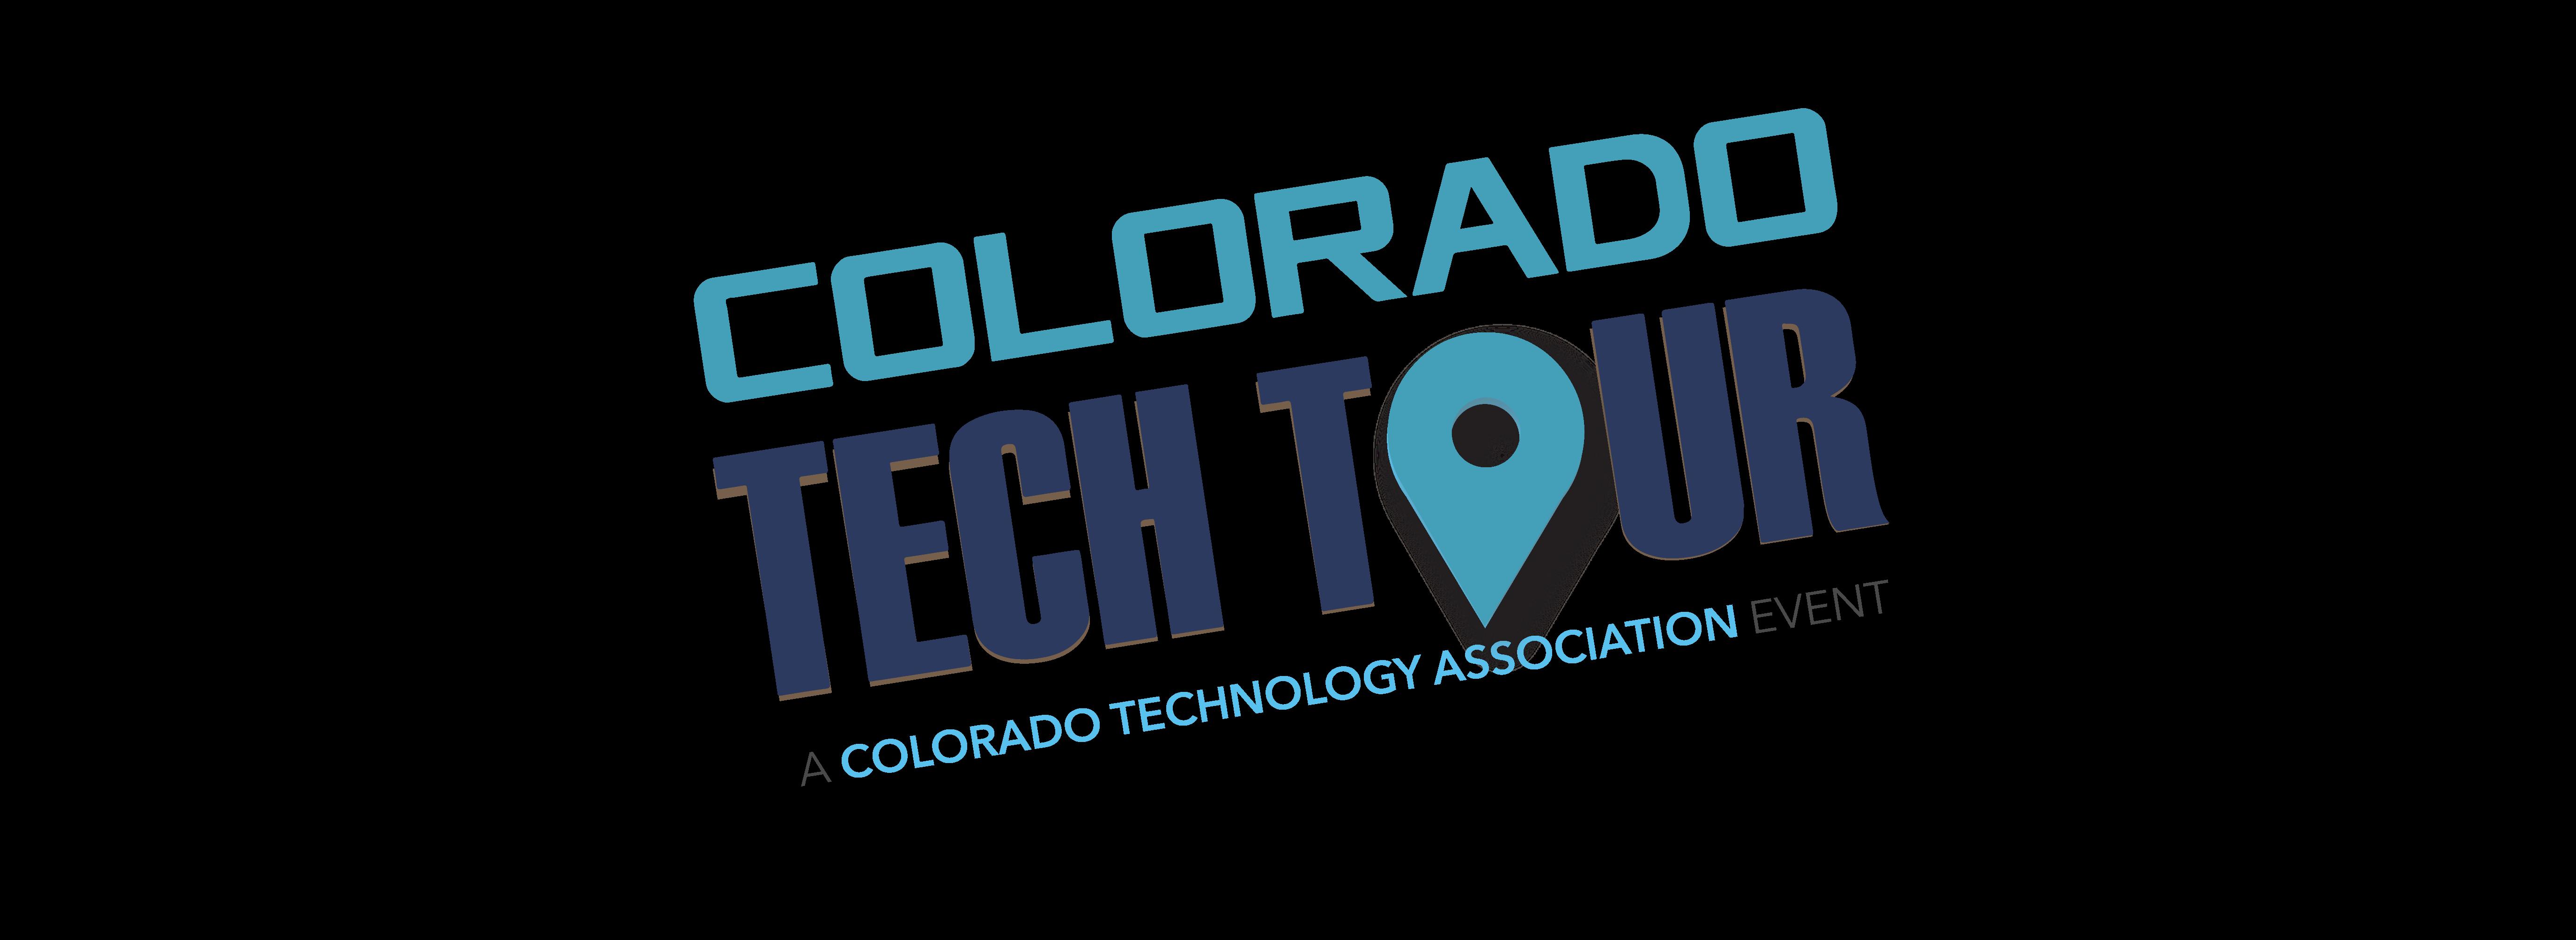 Colorado Tech Tour